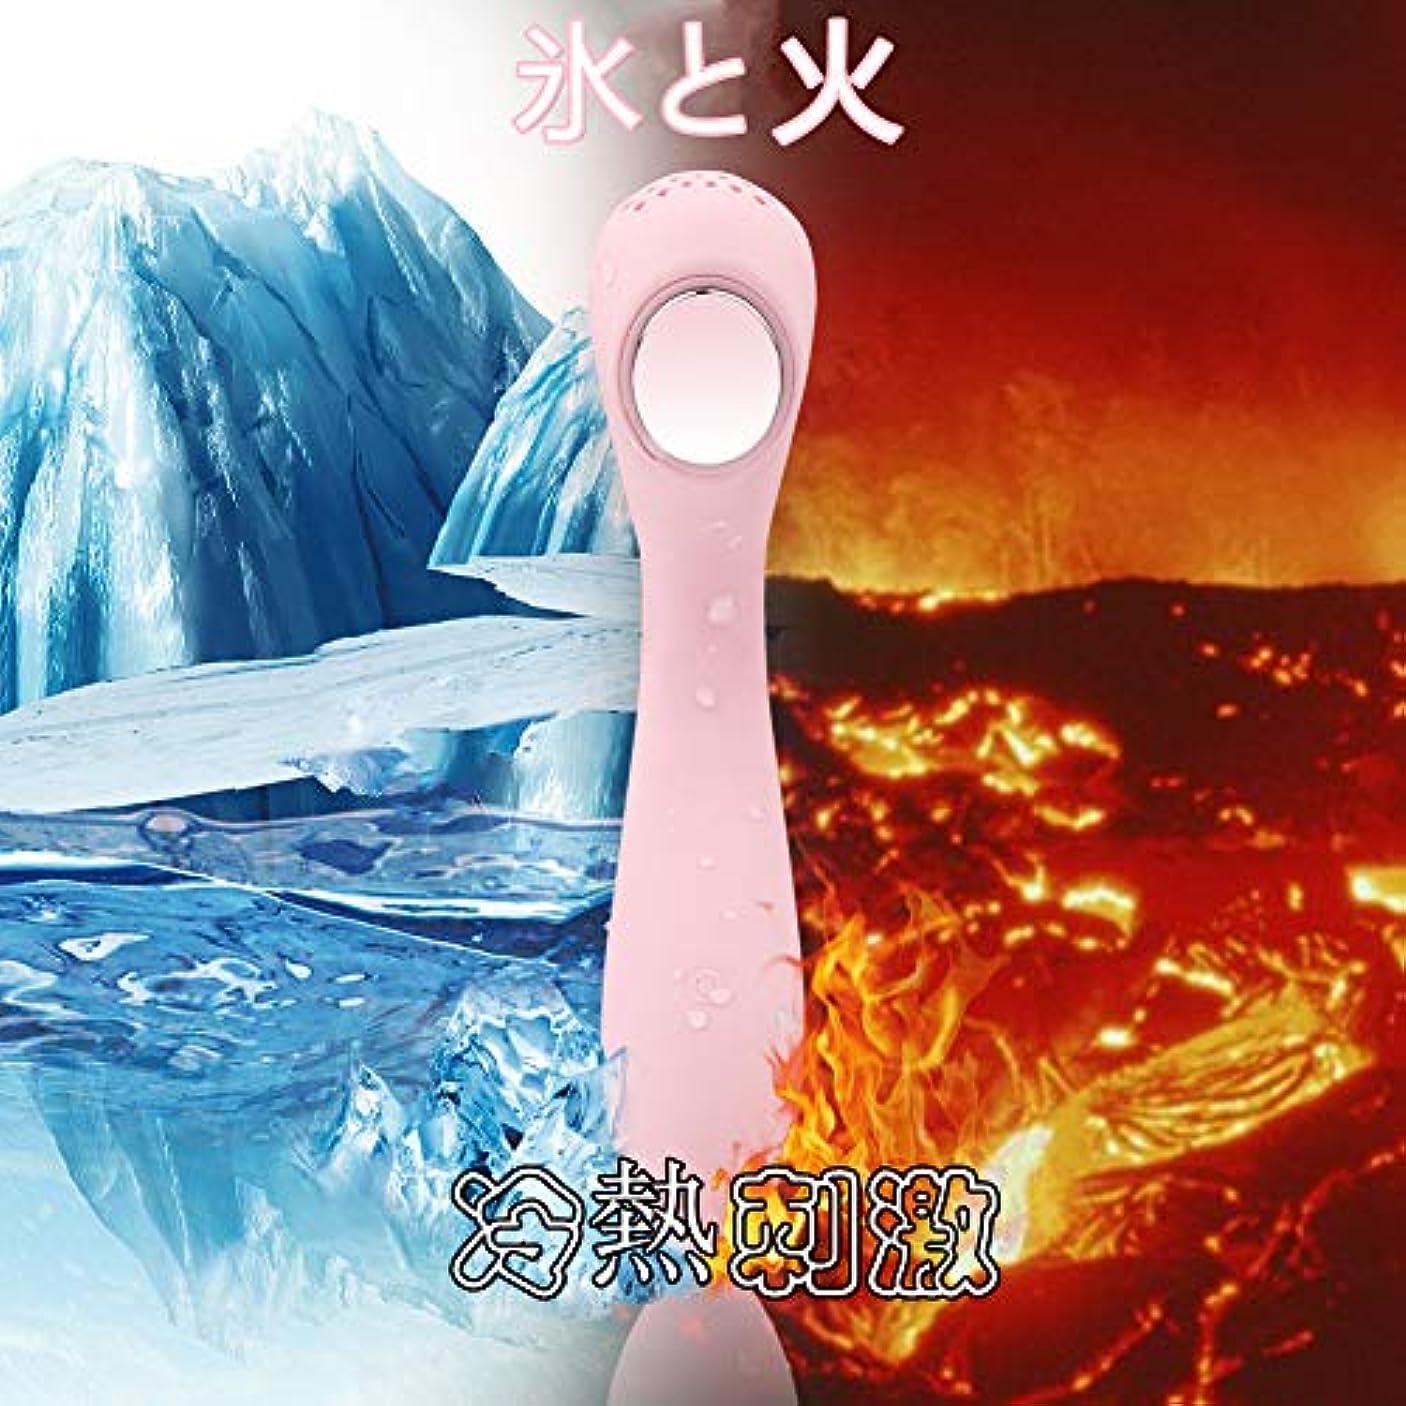 怠酔った肥沃なWimaha 氷と火 ハンディマッサージャー 3種類冷熱モード 3種振動頻度 電動マッサージャー 防水 静音 シリコン 1年保証付き